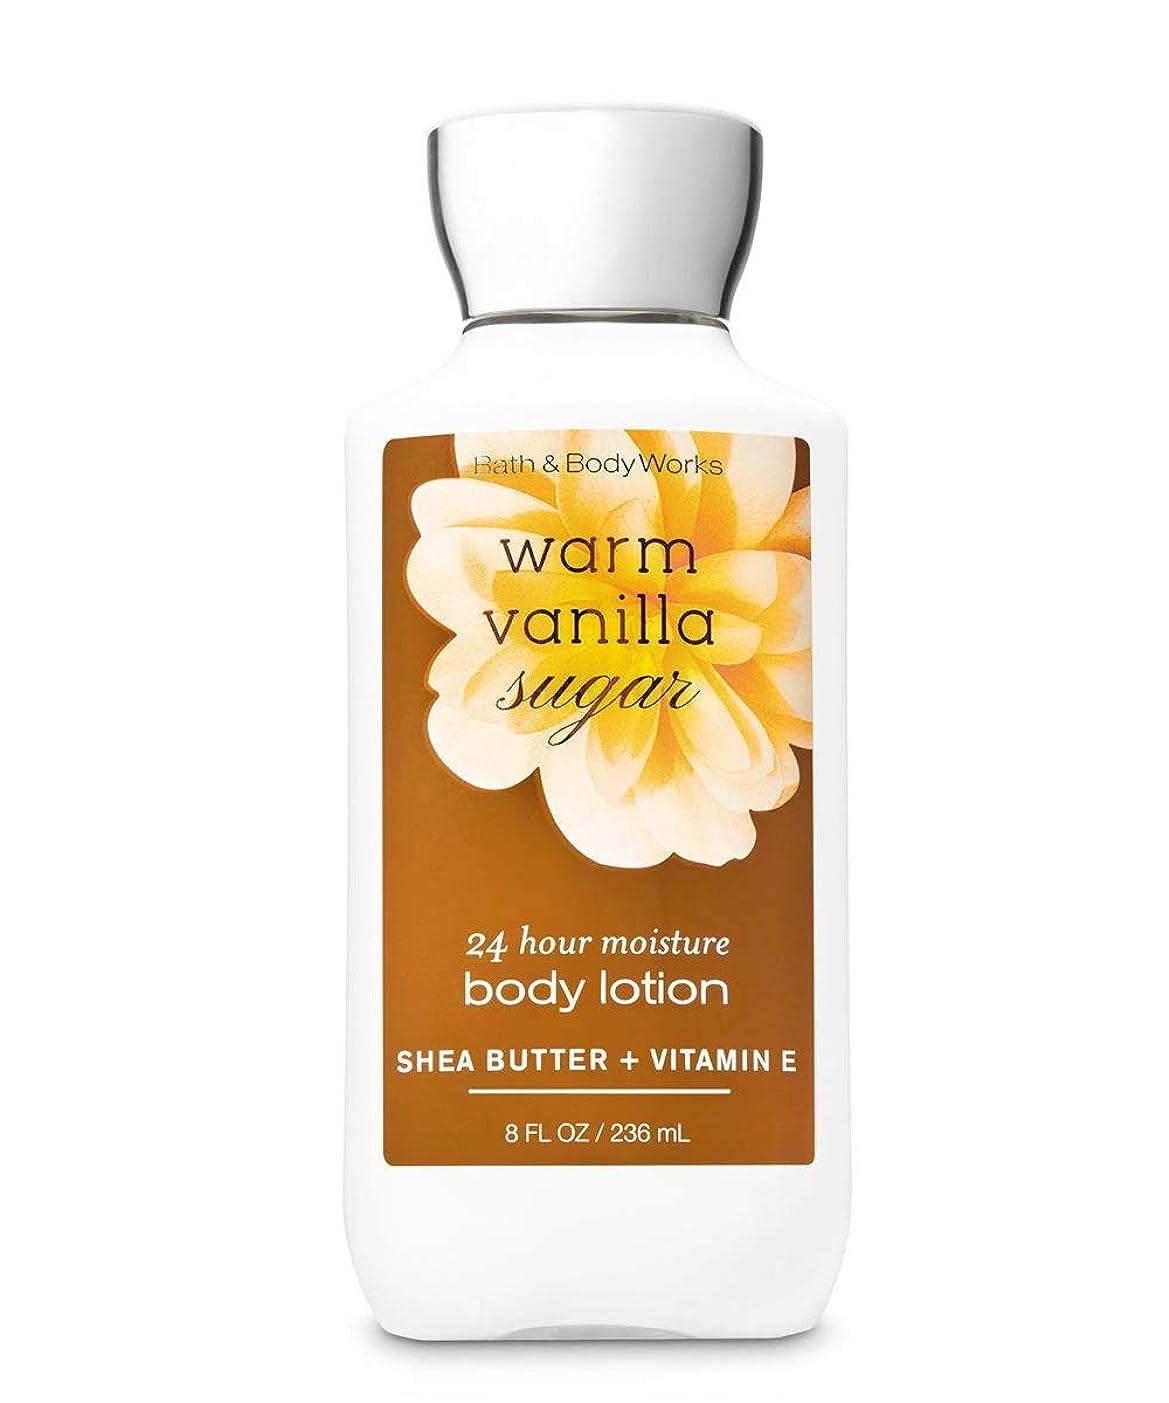 失敗スイング驚きバス&ボディワークス ウォームバニラシュガー ボディローション 236ml(8oz) Body Lotion Warm Vanilla Sugar【並行輸入品】